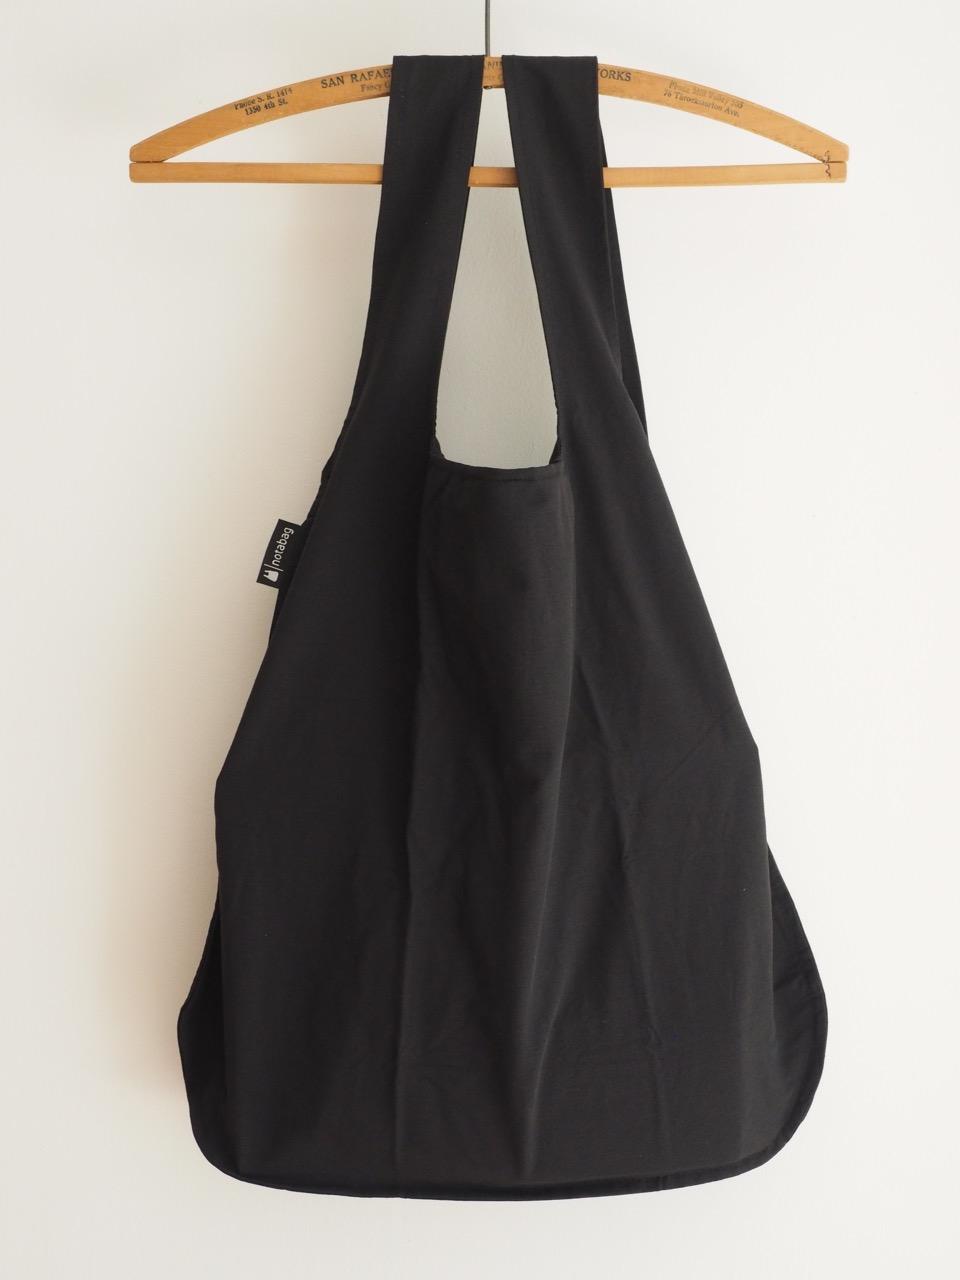 一つでトートとデイパックになるバッグ